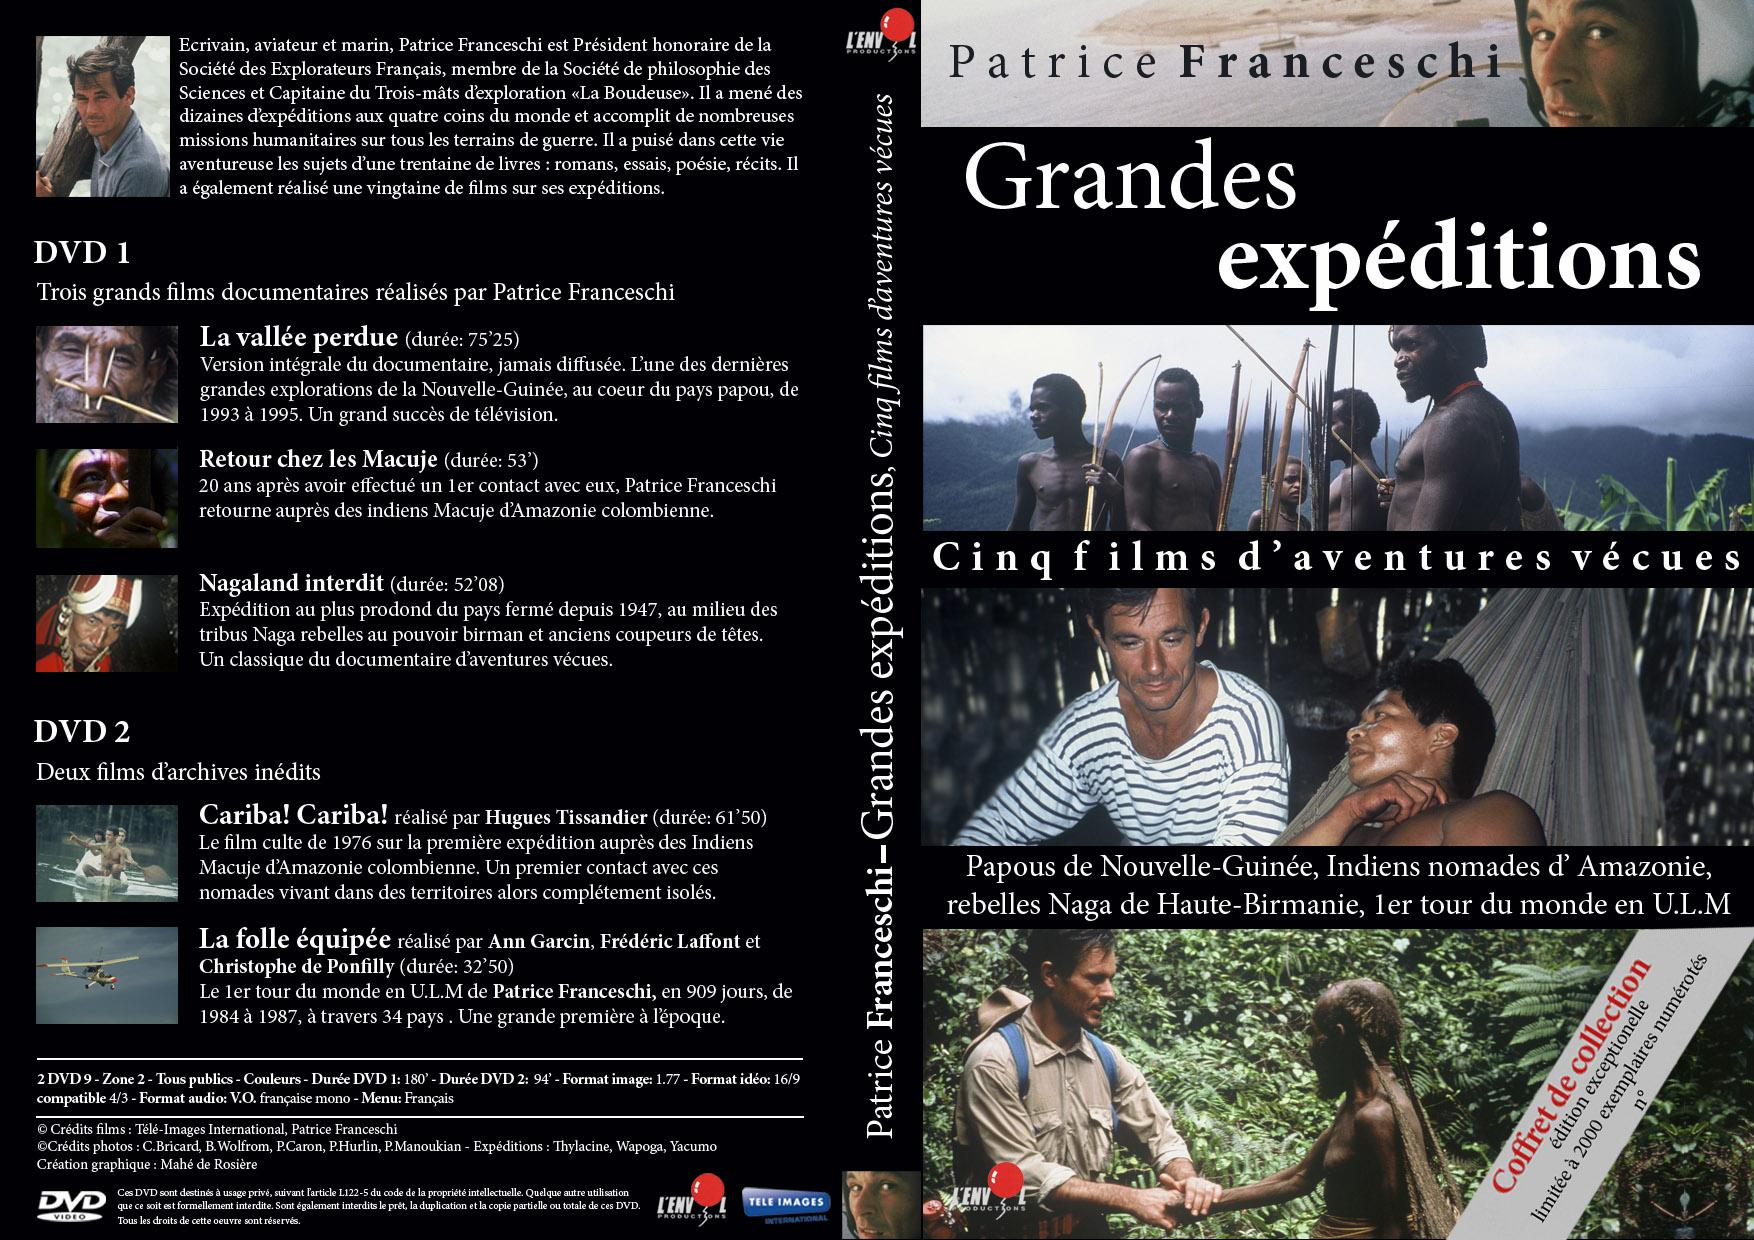 Patrice Franceschi Grandes Expéditions